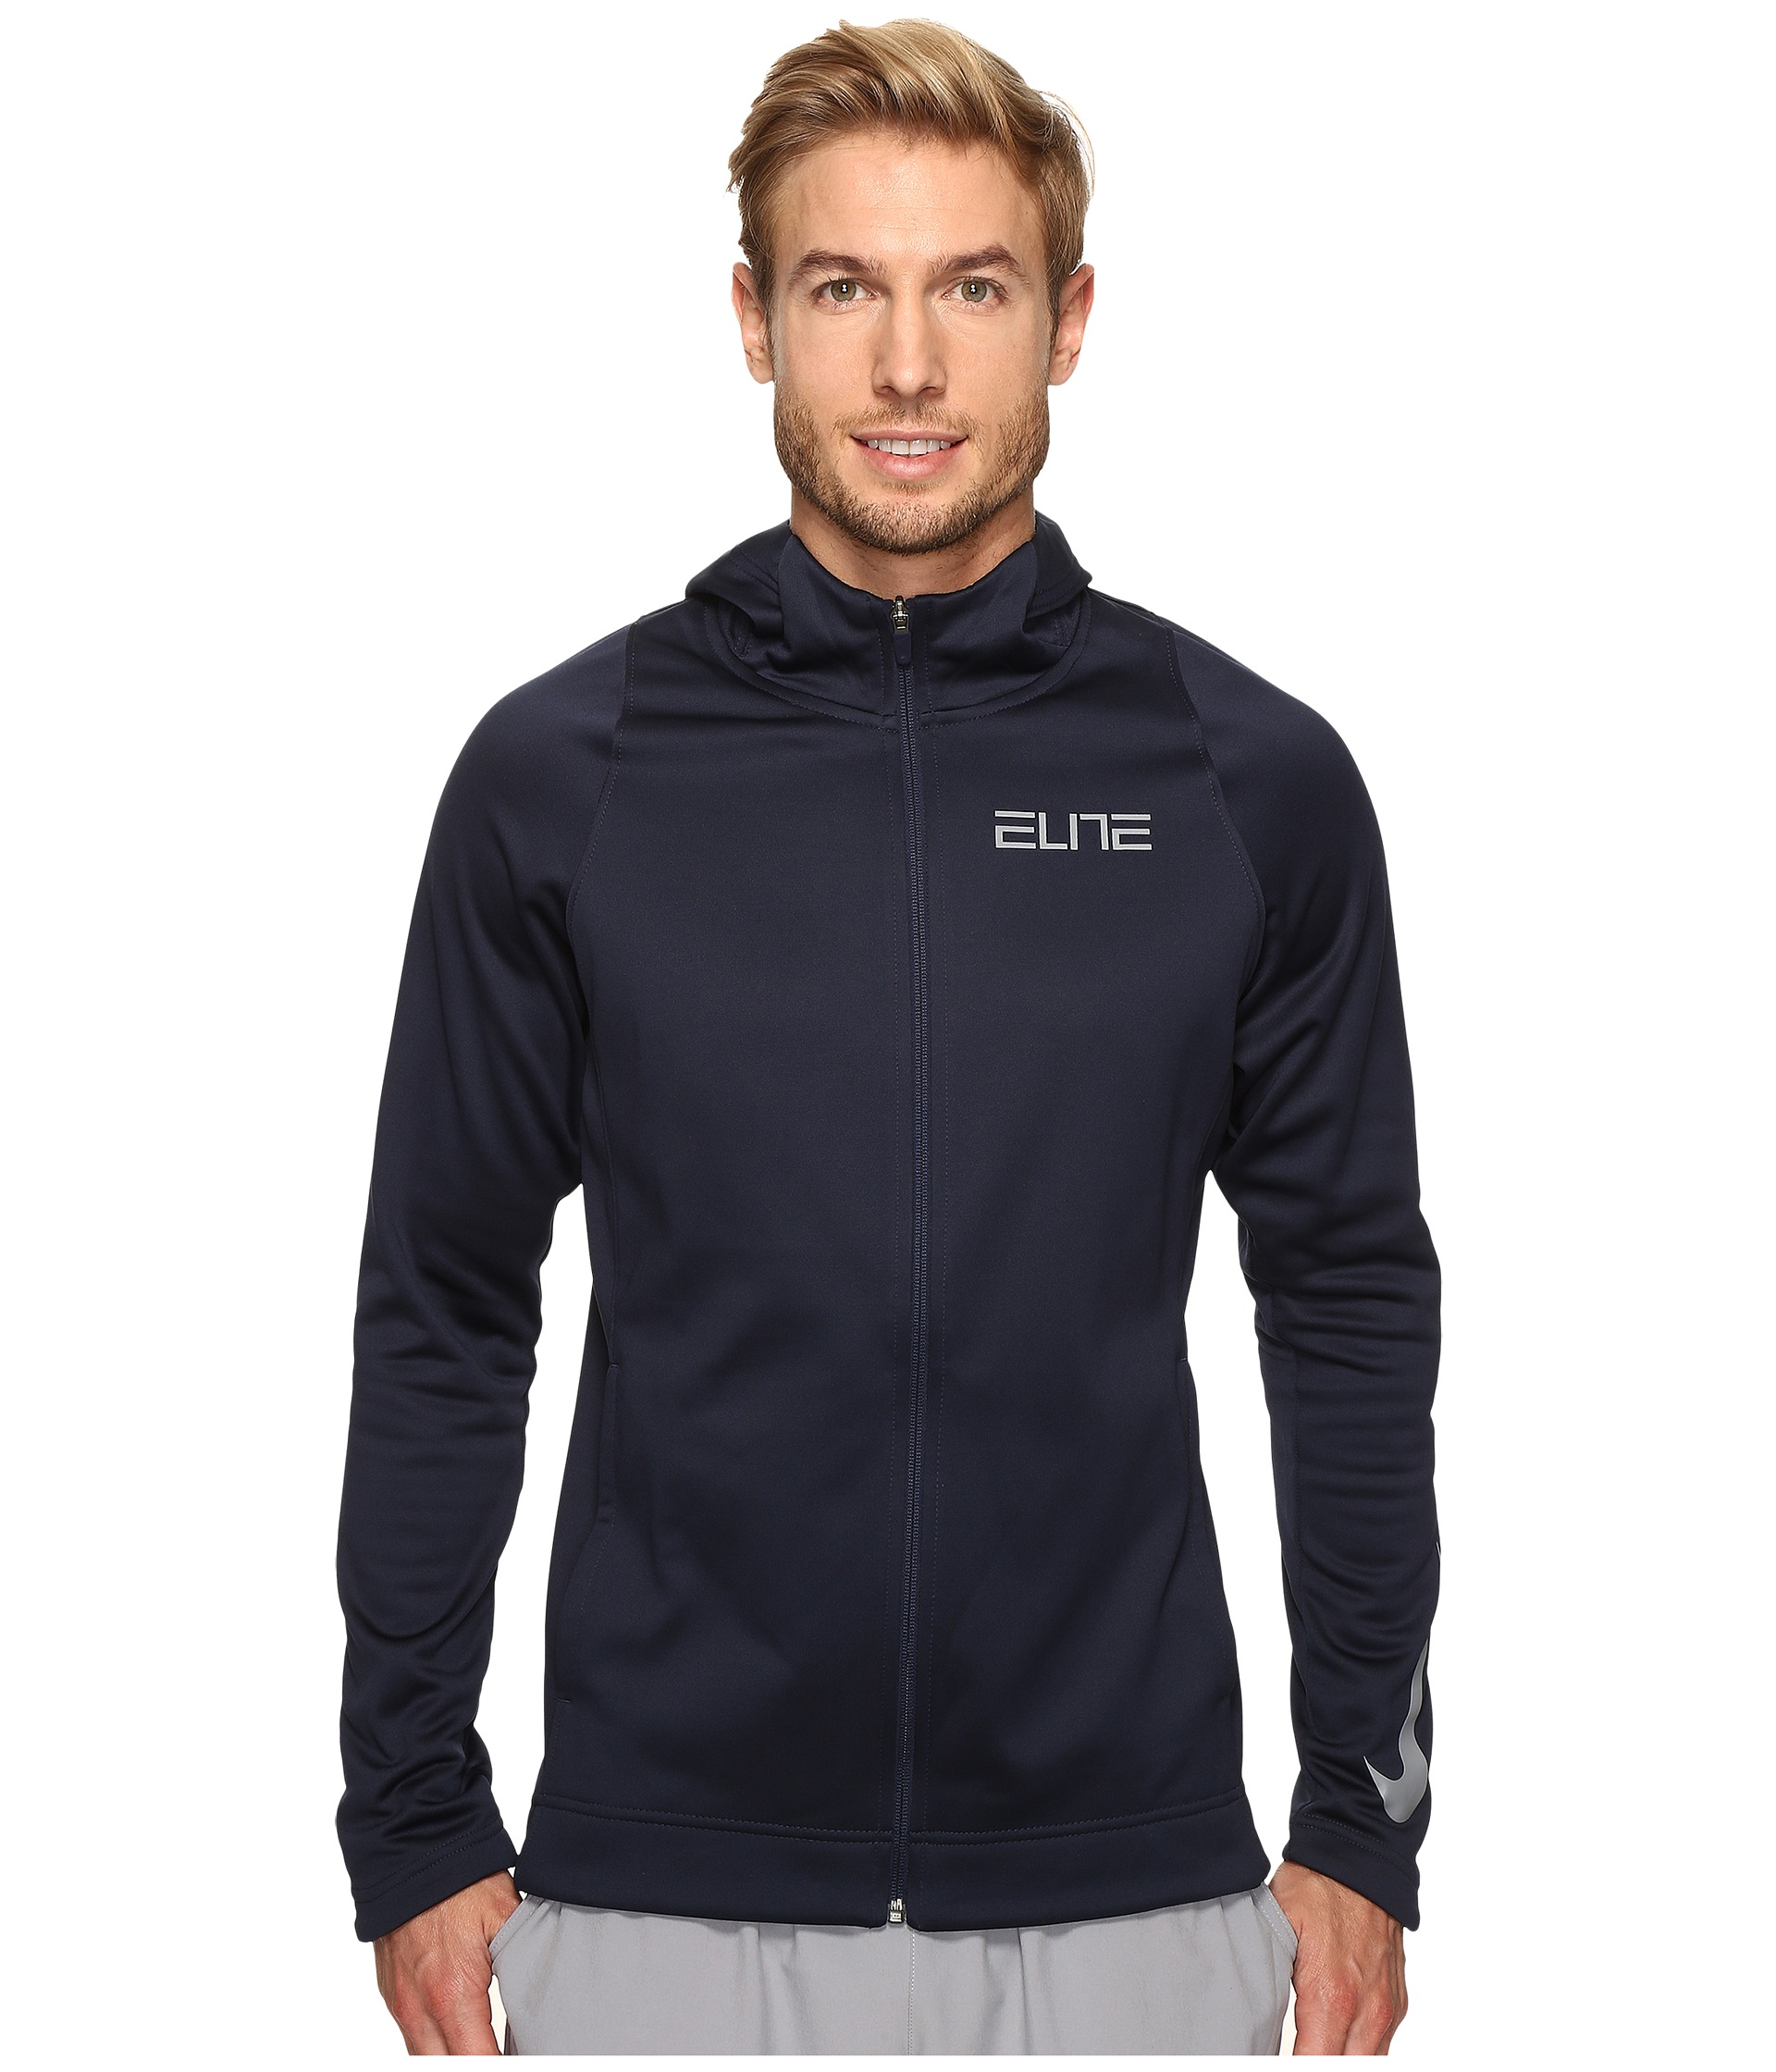 Cool nike hoodies